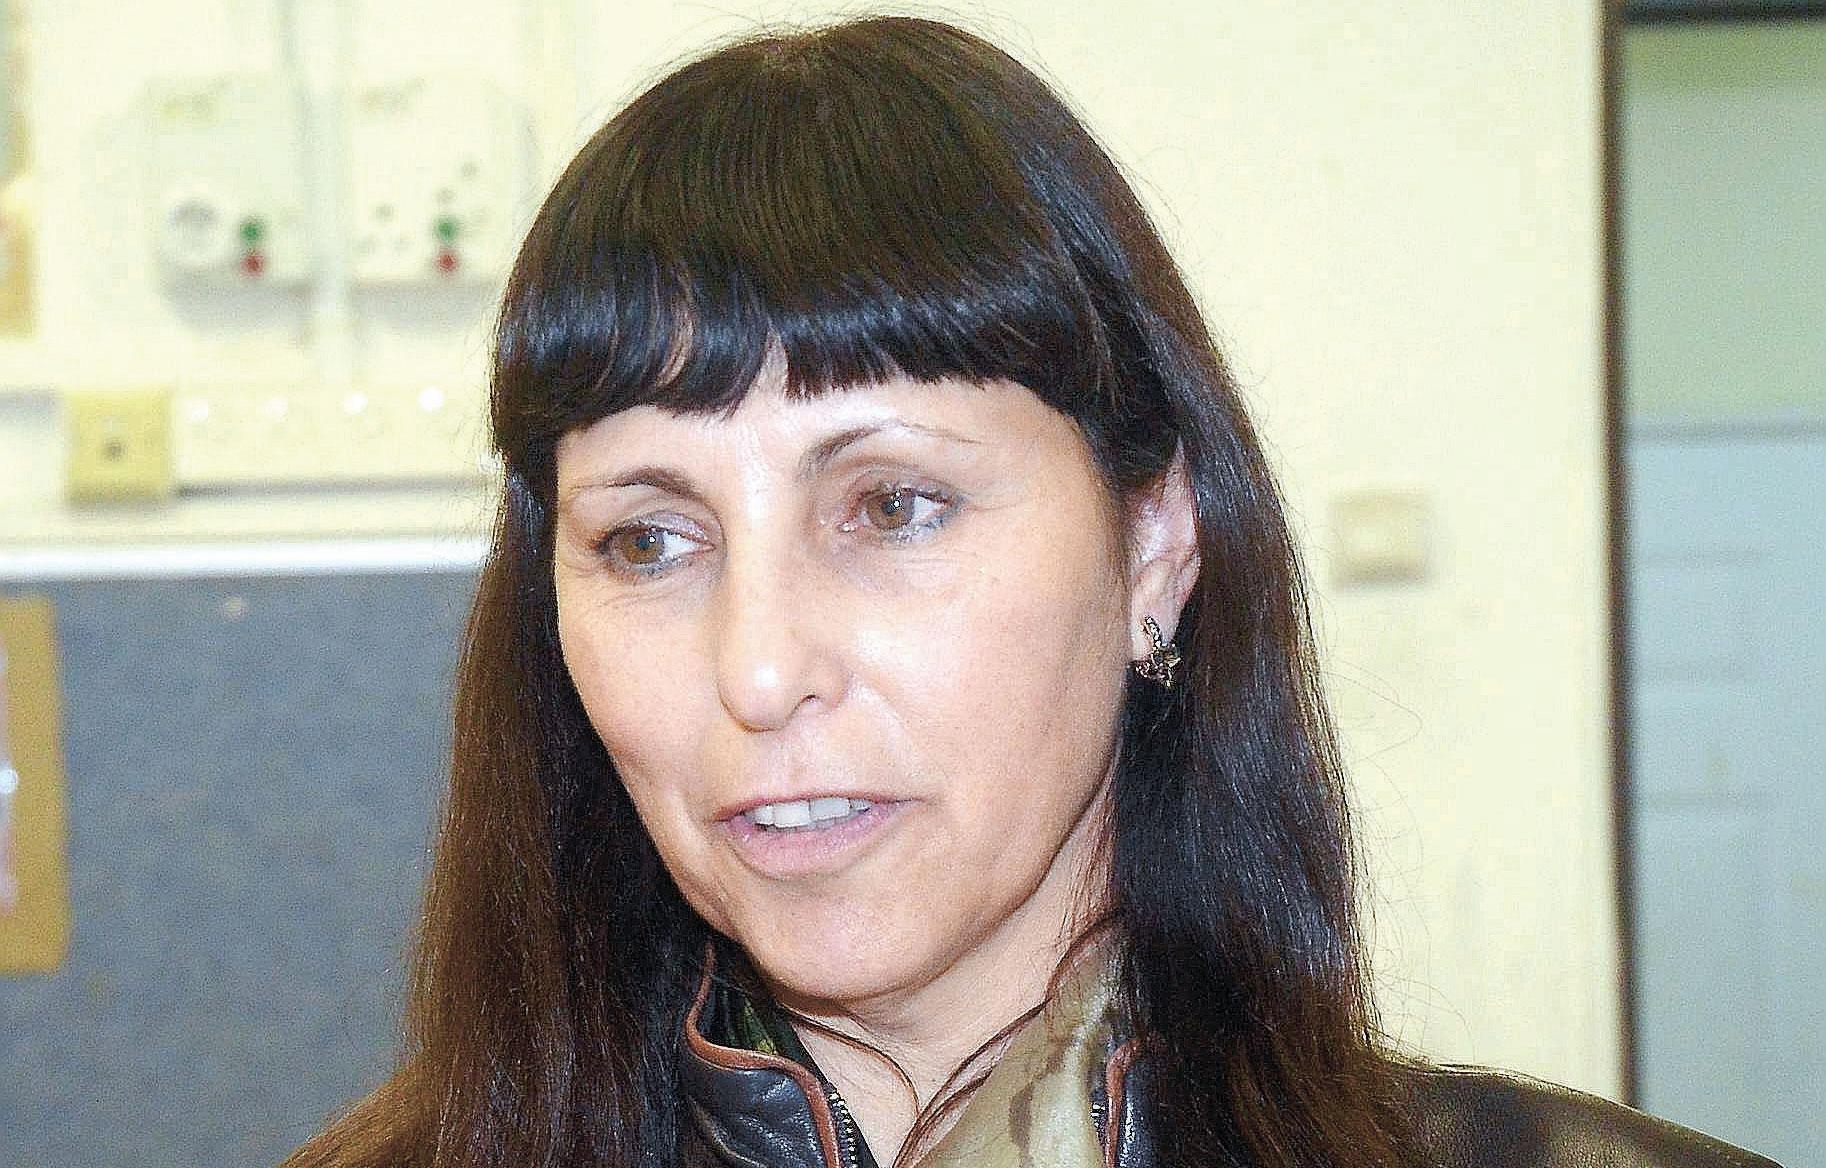 שרית קיצוני, מנהלת חטיבת אחד העם. צילום: זאב שטרן